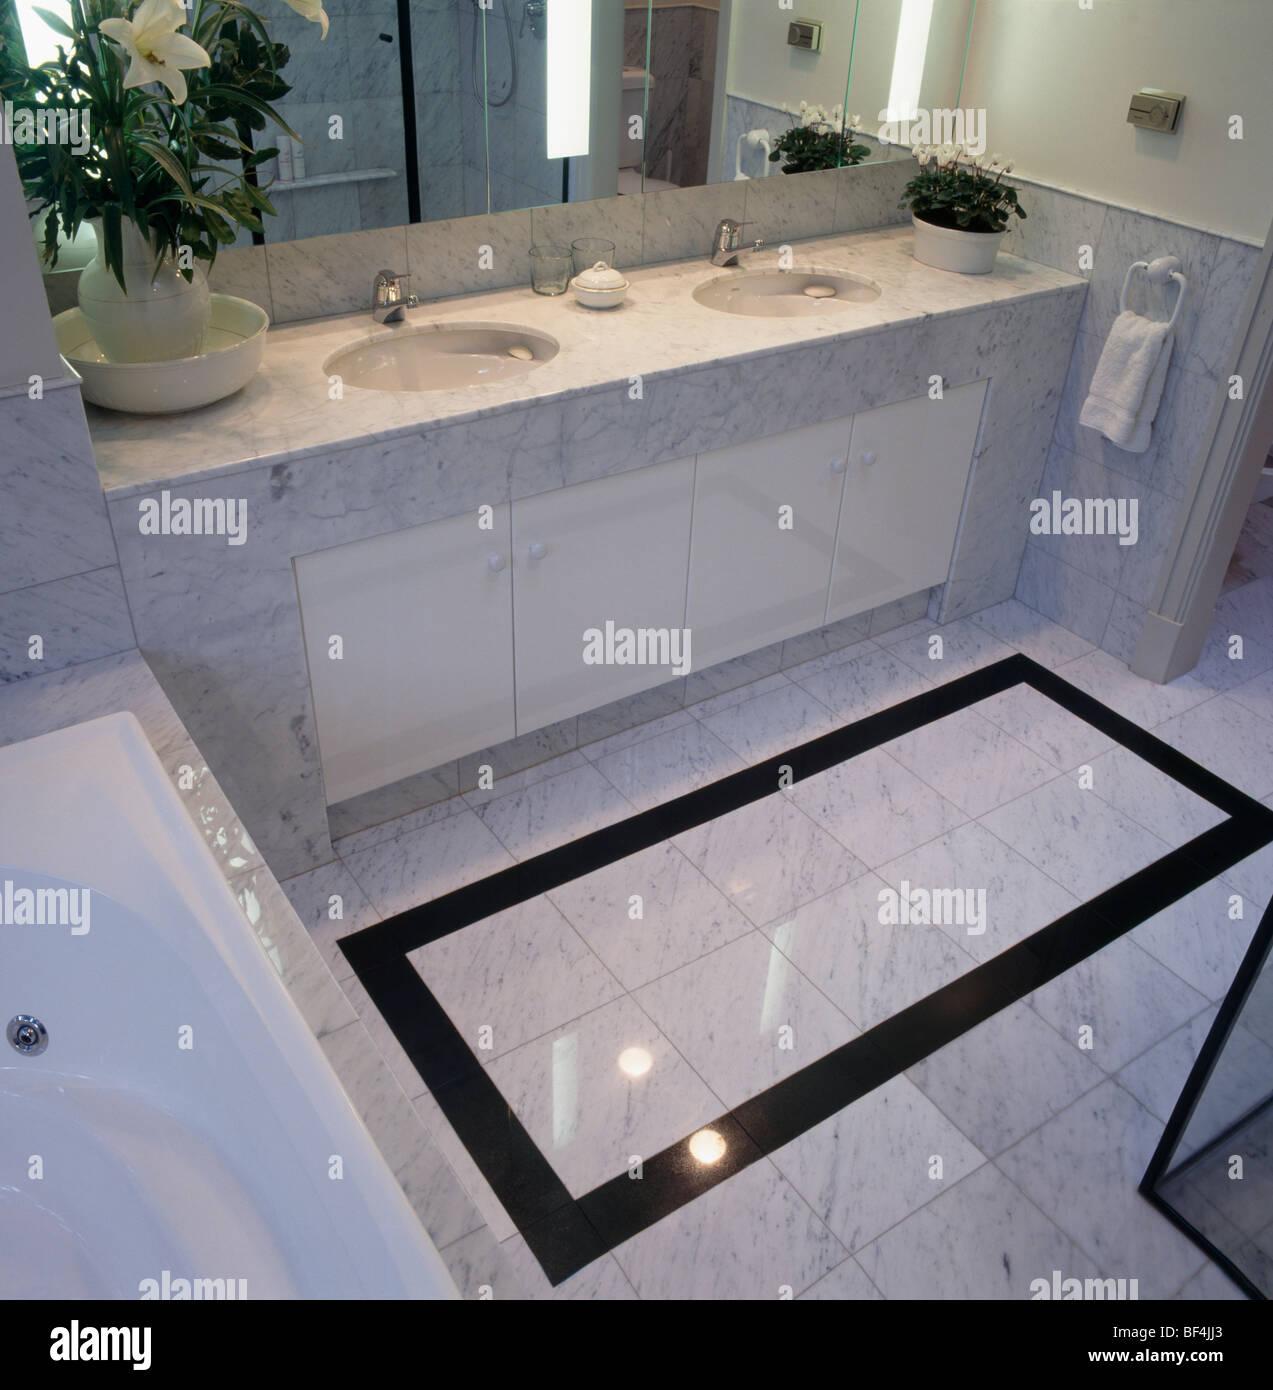 Carrelage Salle De Bain Marbre Noir ~ sol carrel noir sur la fronti re en carrelage dans salle de bains